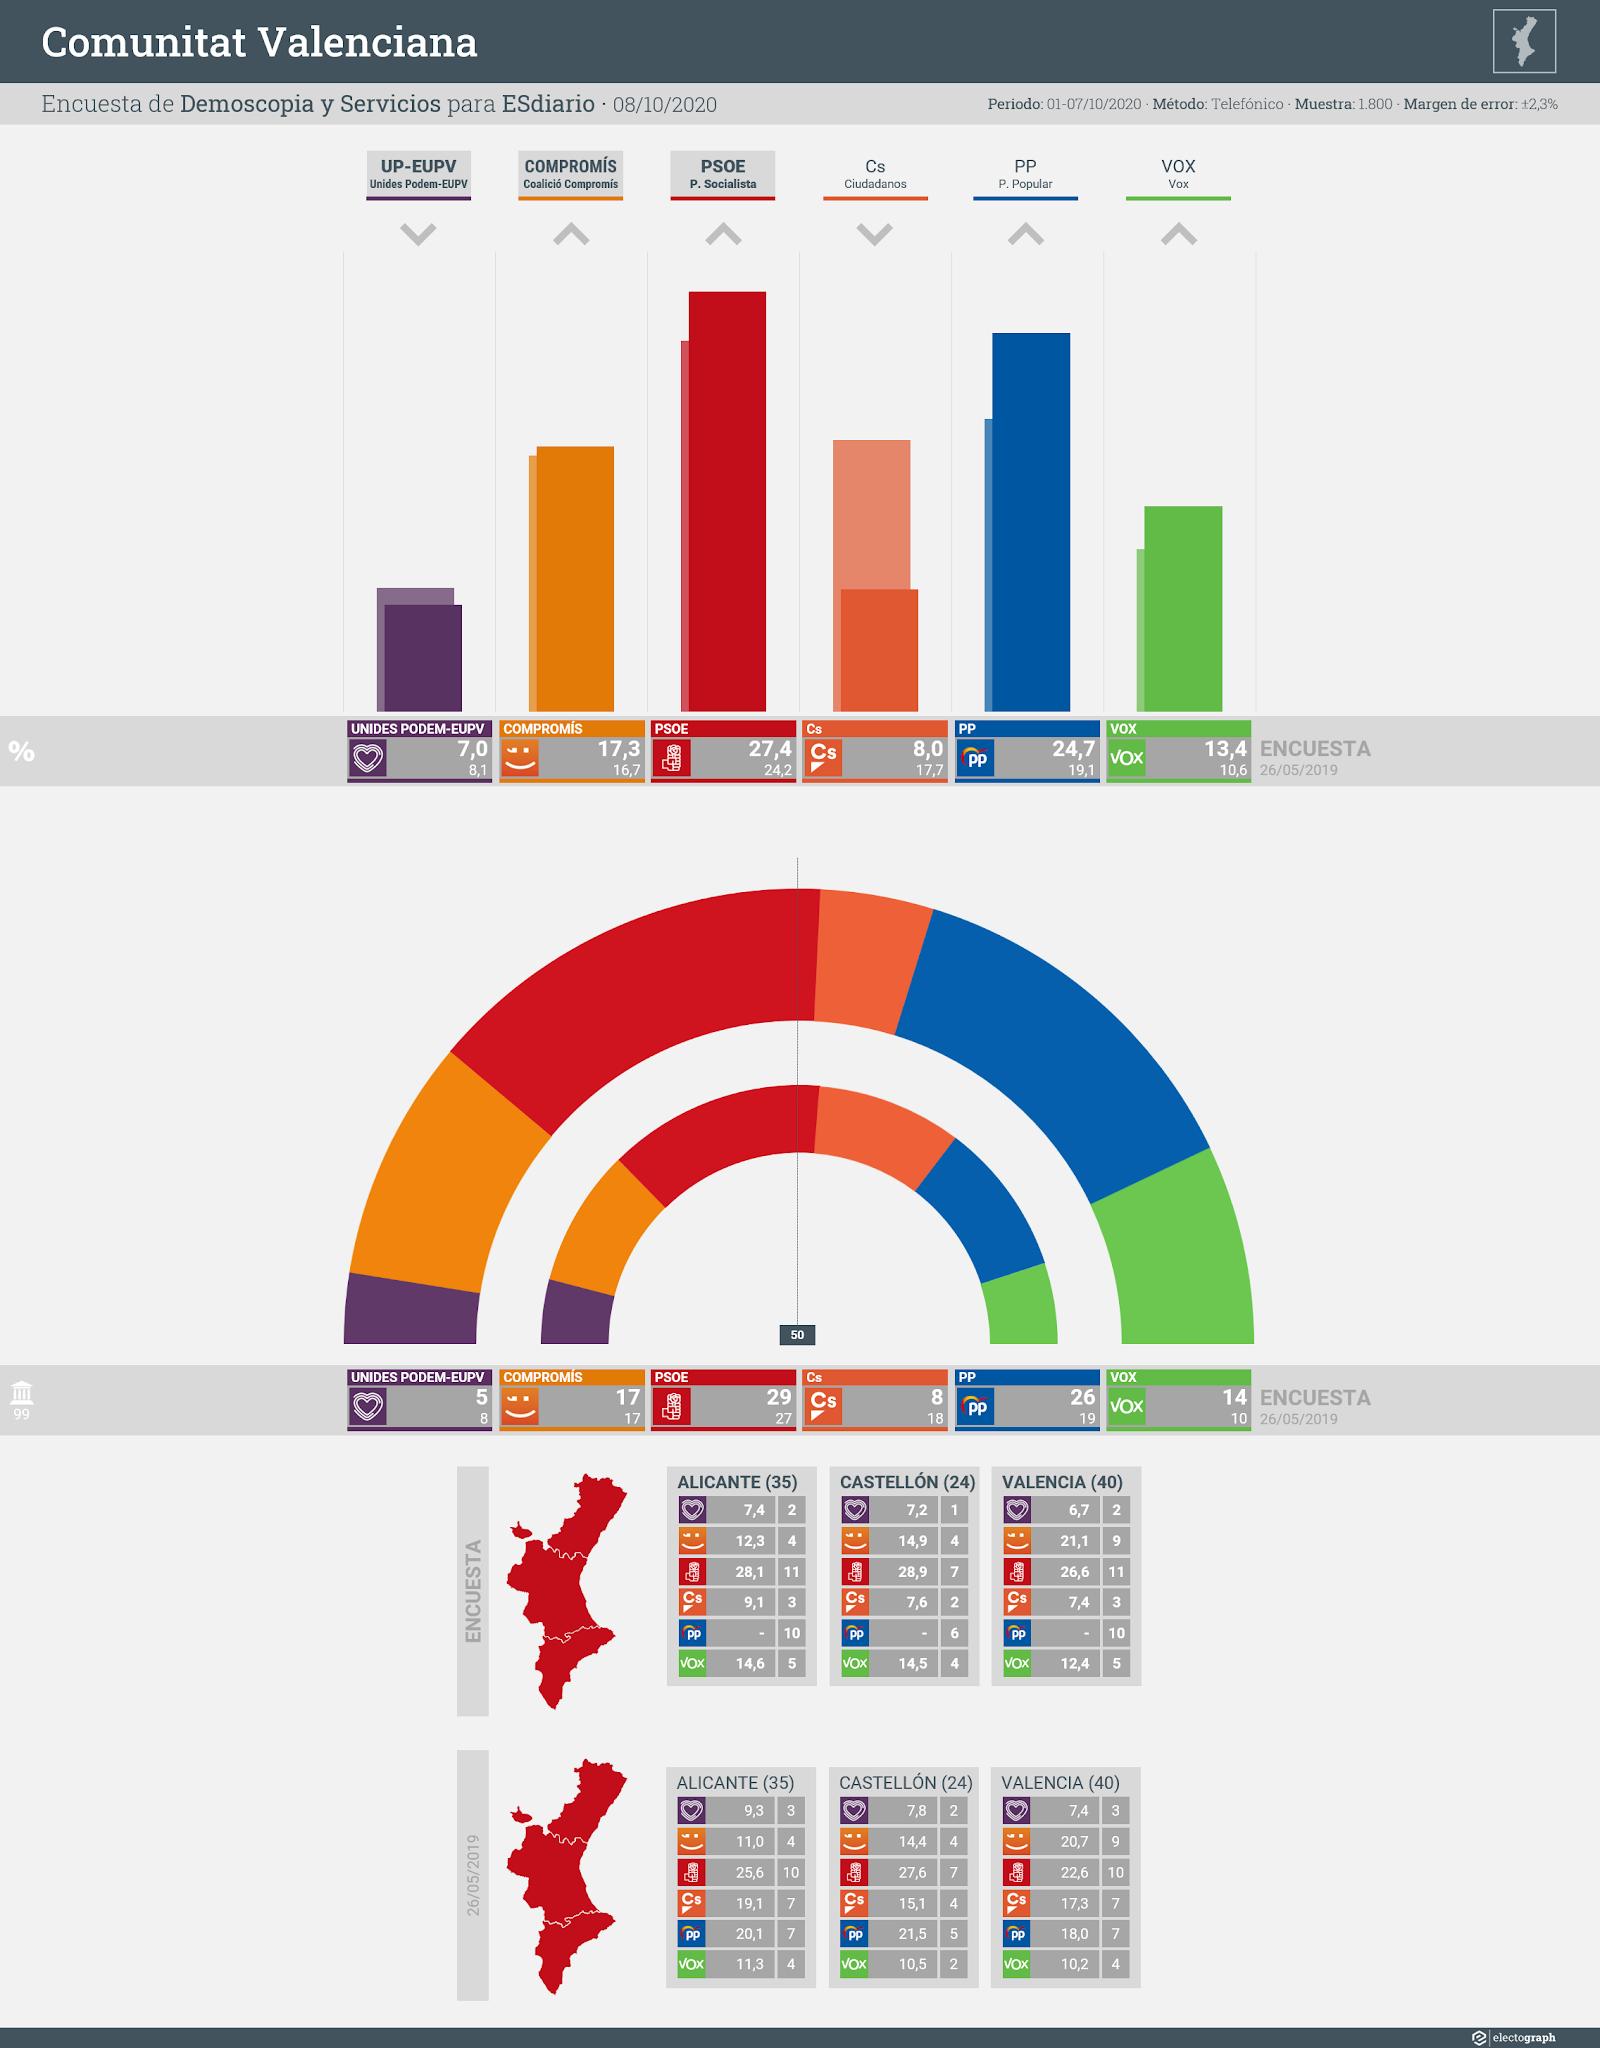 Gráfico de la encuesta para elecciones autonómicas en la Comunitat Valenciana realizada por Demoscopia y Servicios para ESdiario, 8 de octubre de 2020